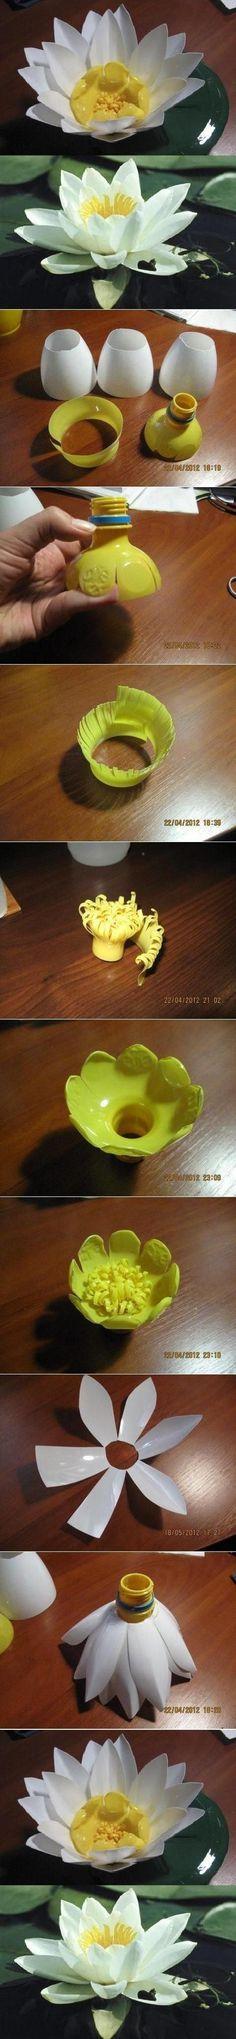 Plastic bottle flowers                                                                                                                                                                                 More